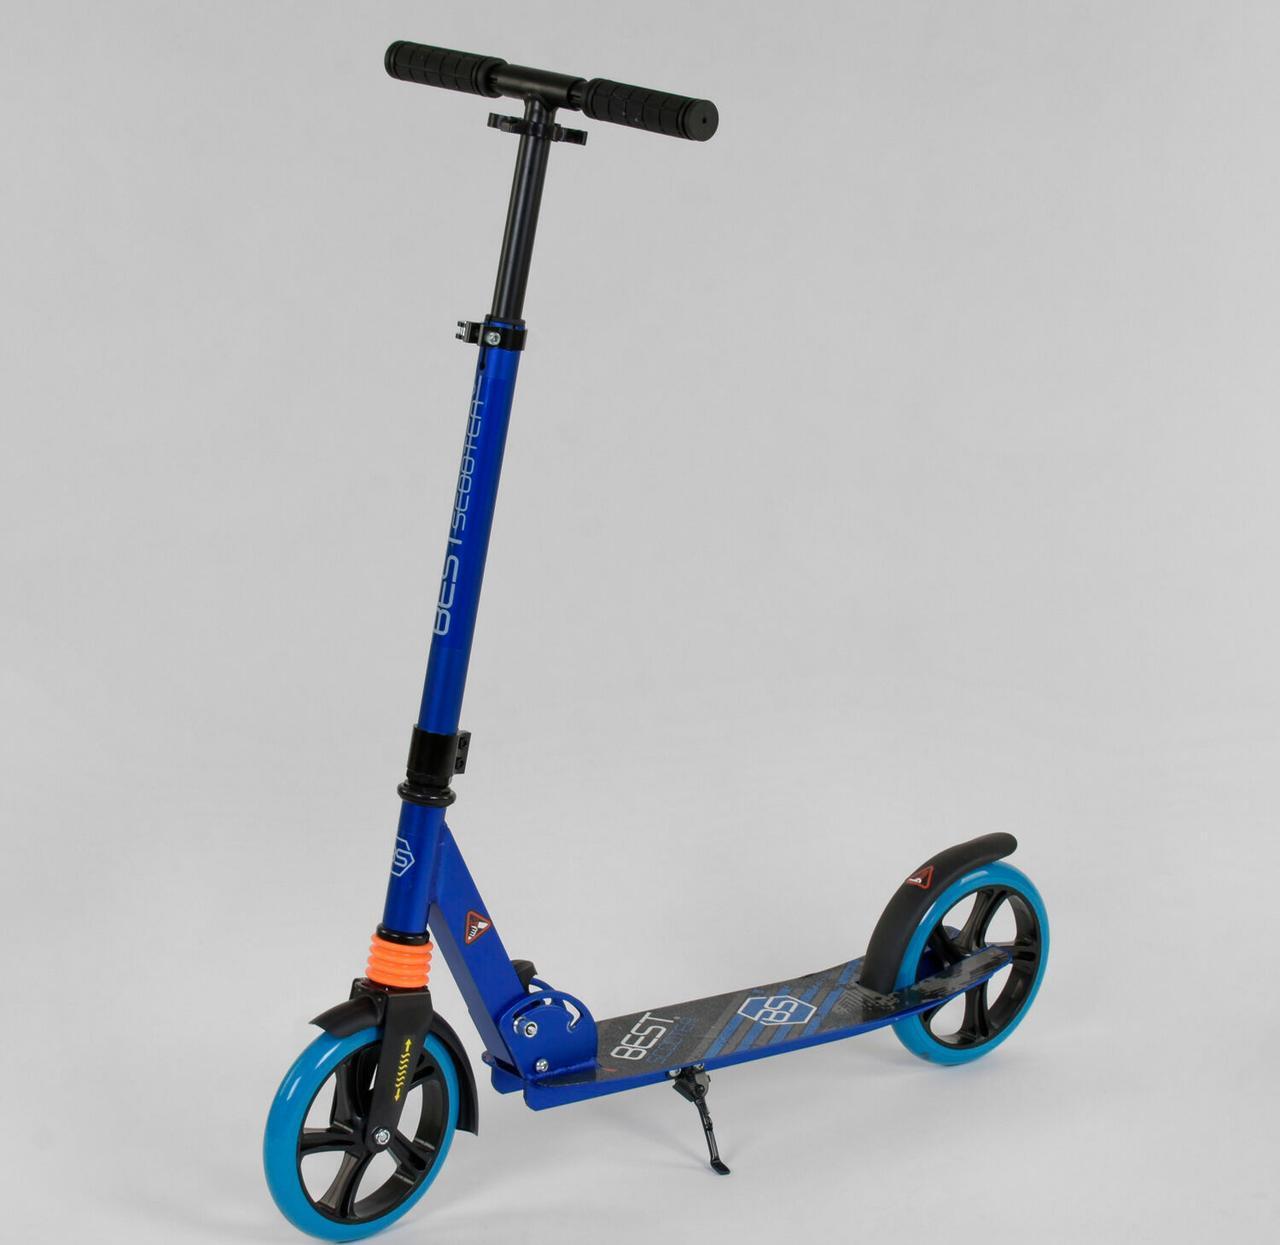 Самокат двухколесный  Best Scooter, Синий, цветные колеса PU - 20 см, зажим руля, длина доски 53 см